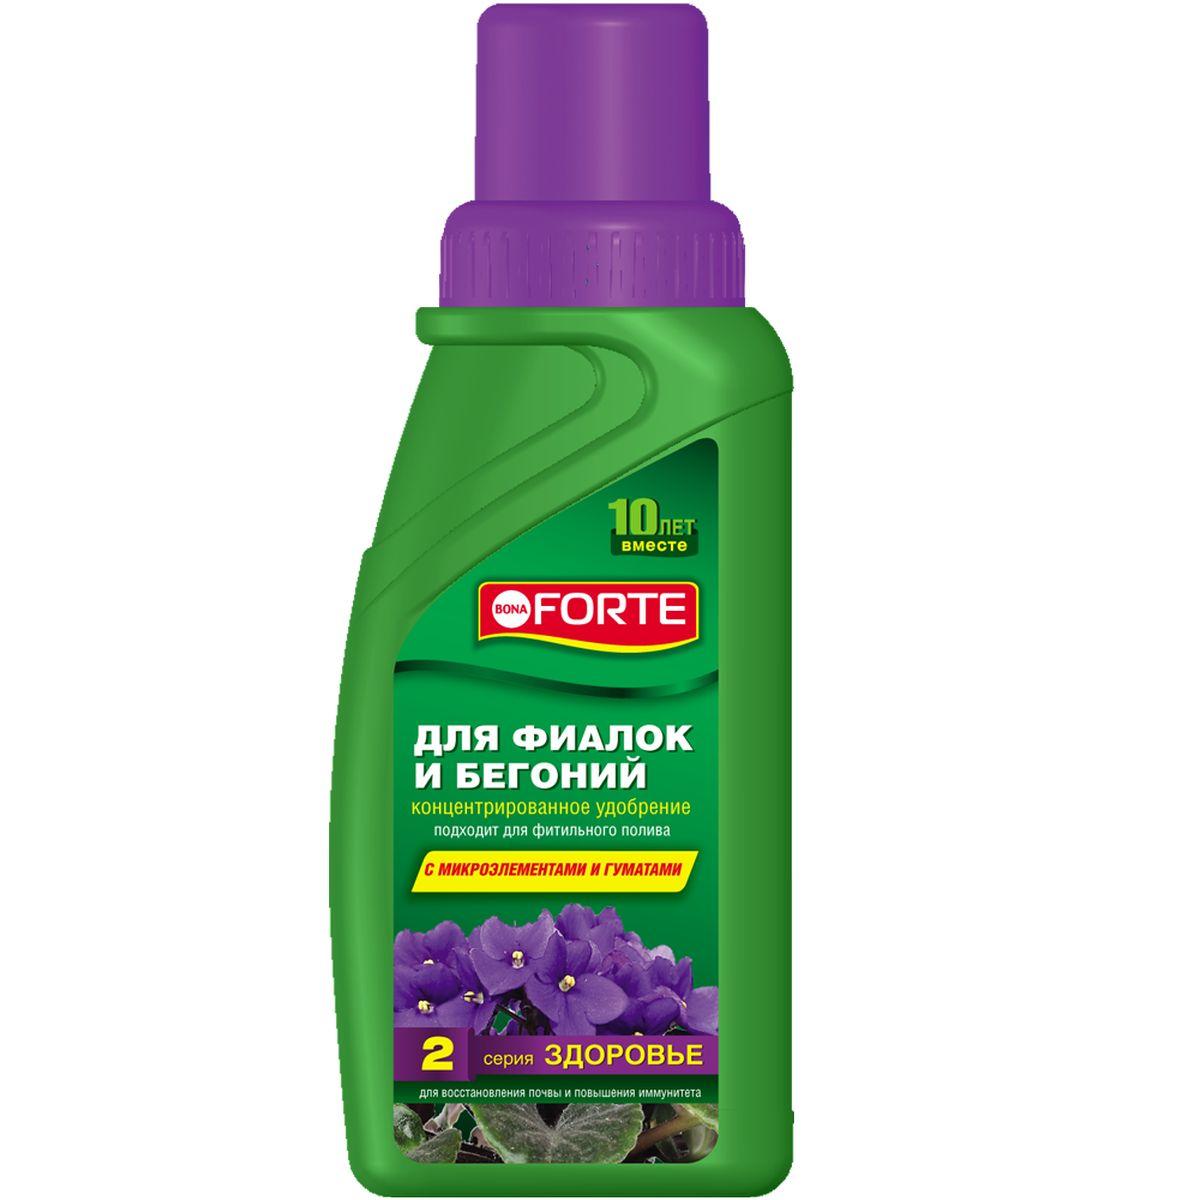 Жидкое комплексное удобрение Bona Forte, 285 мл (серия ЗДОРОВЬЕ)BF-21-06-012-1Предназначено для бережного восстановления почвы, сблансированного питания растений,придания ярких красок цветкам, пышного и продолжительного цветения, а также повышения иммунитета растений.